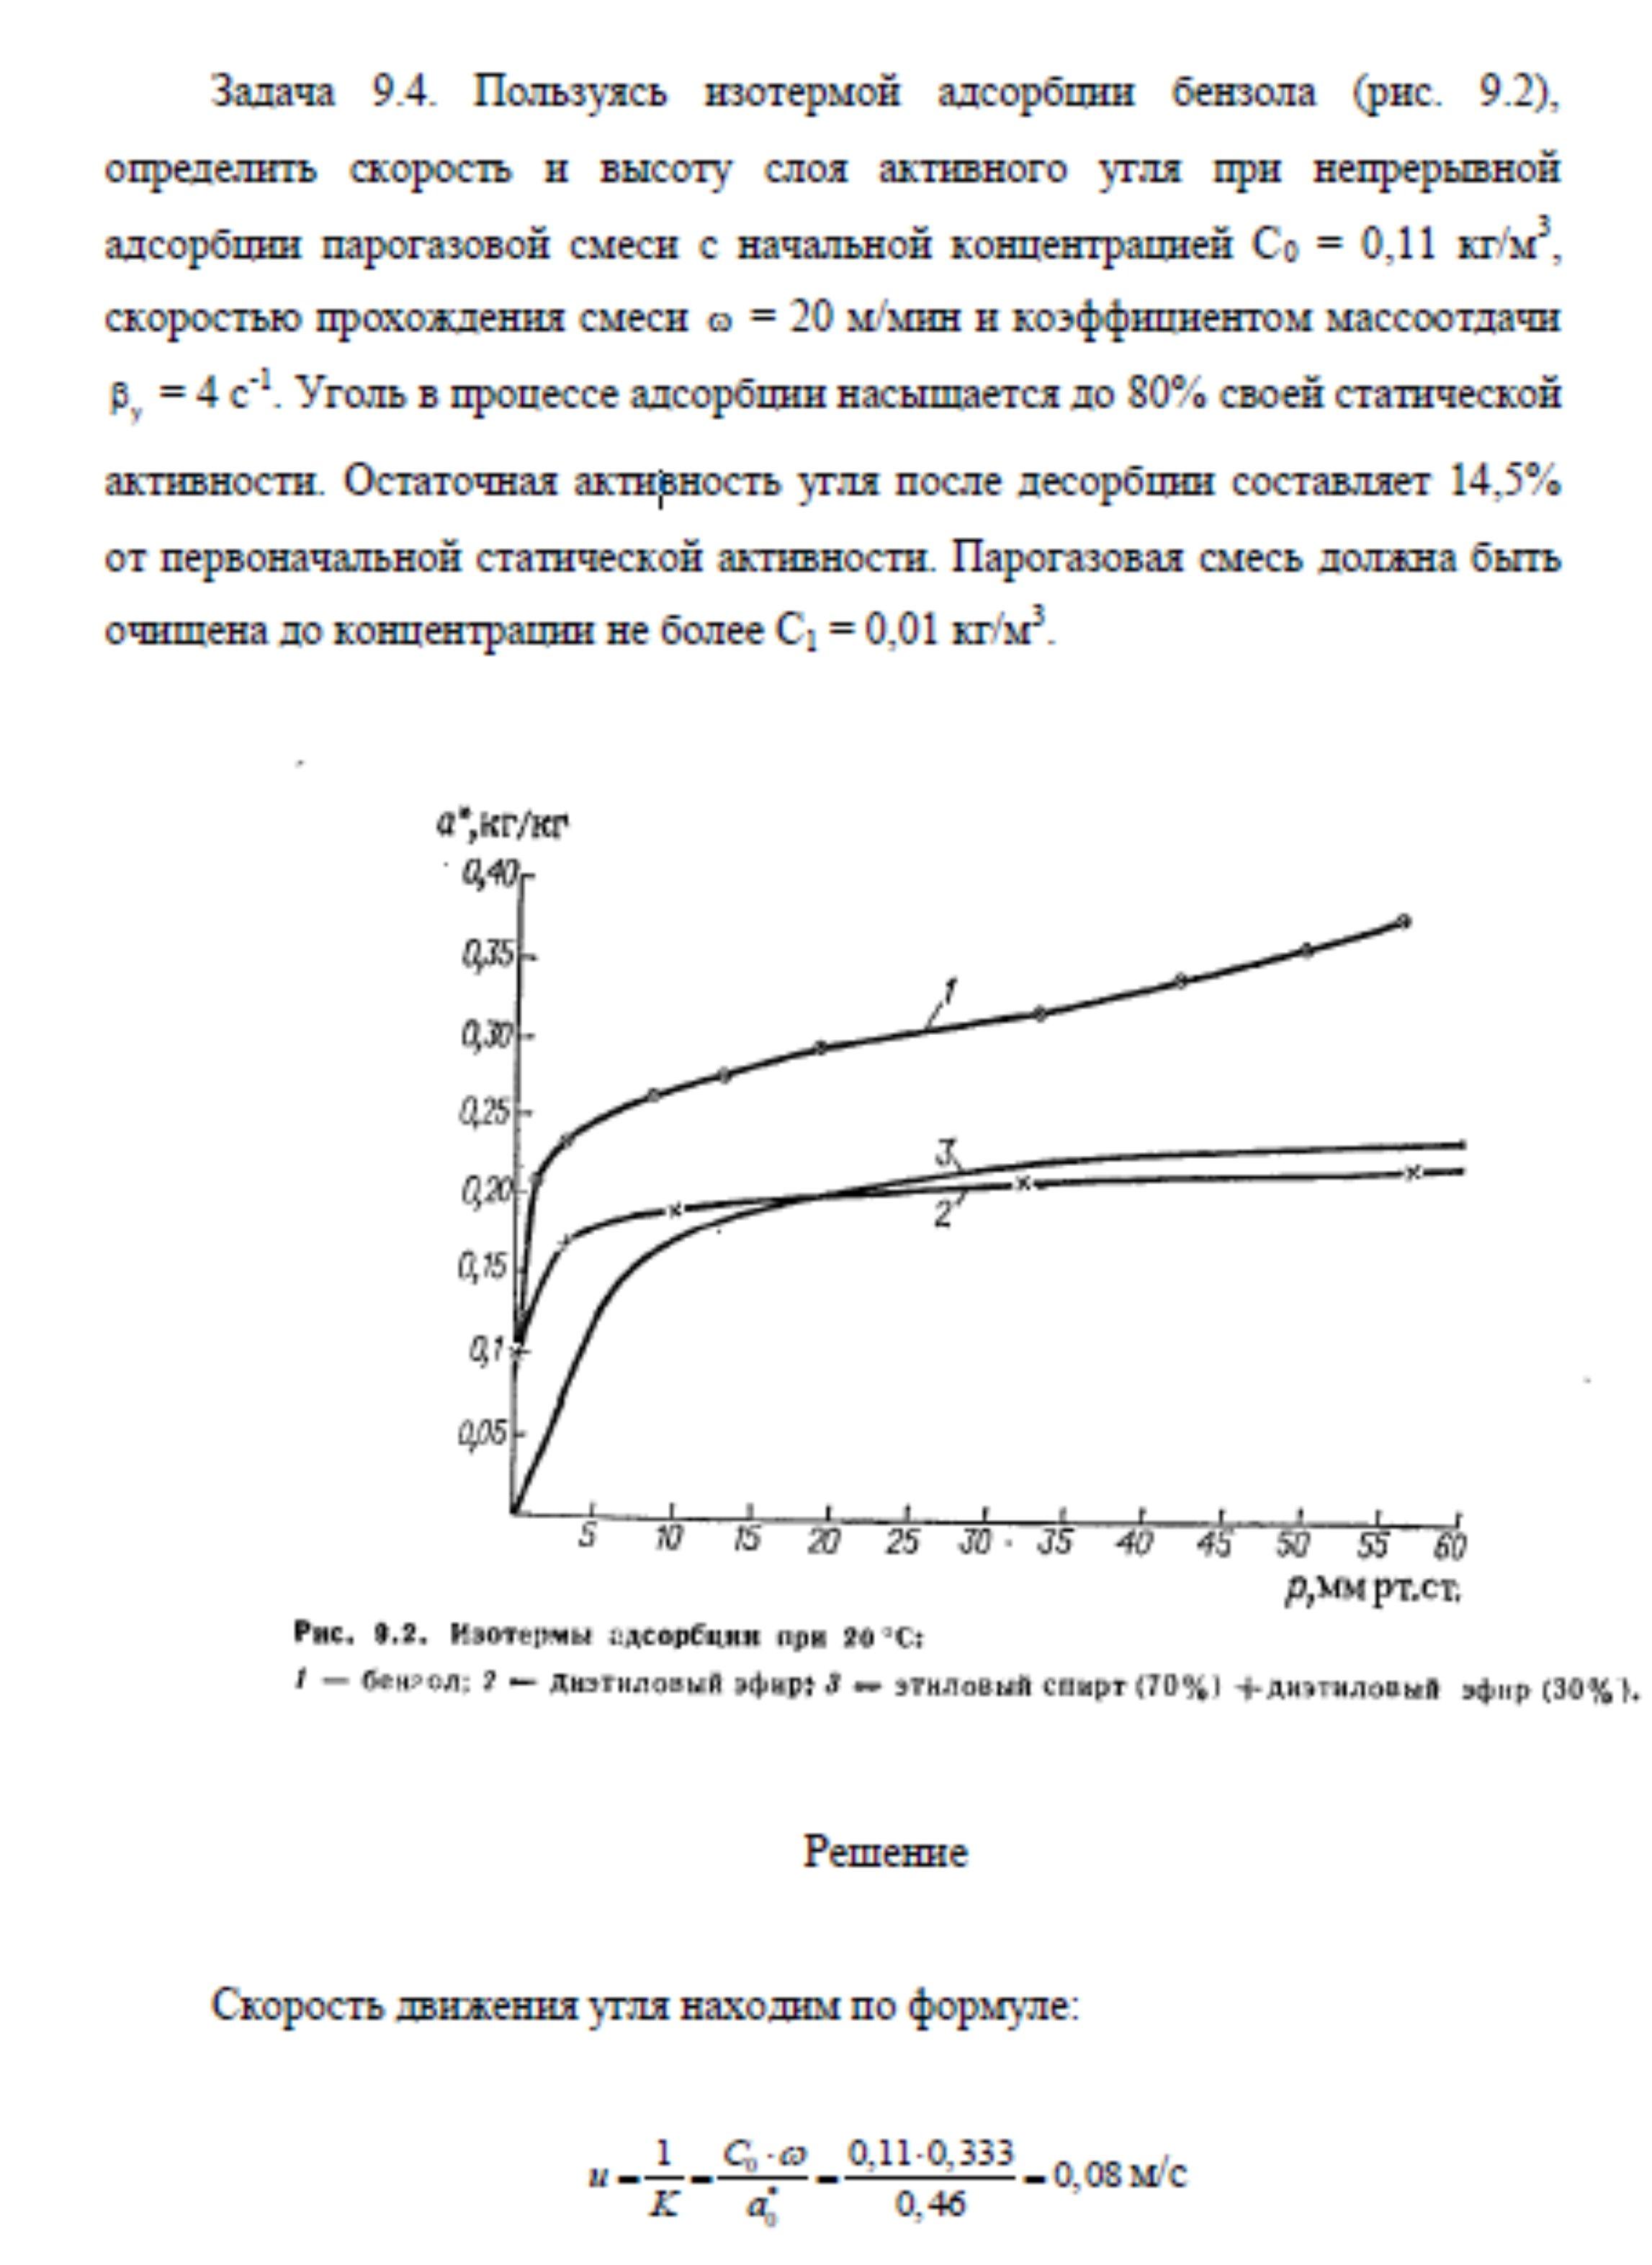 Решение задачи 9.4 по ПАХТ из задачника Павлова Романкова Носкова